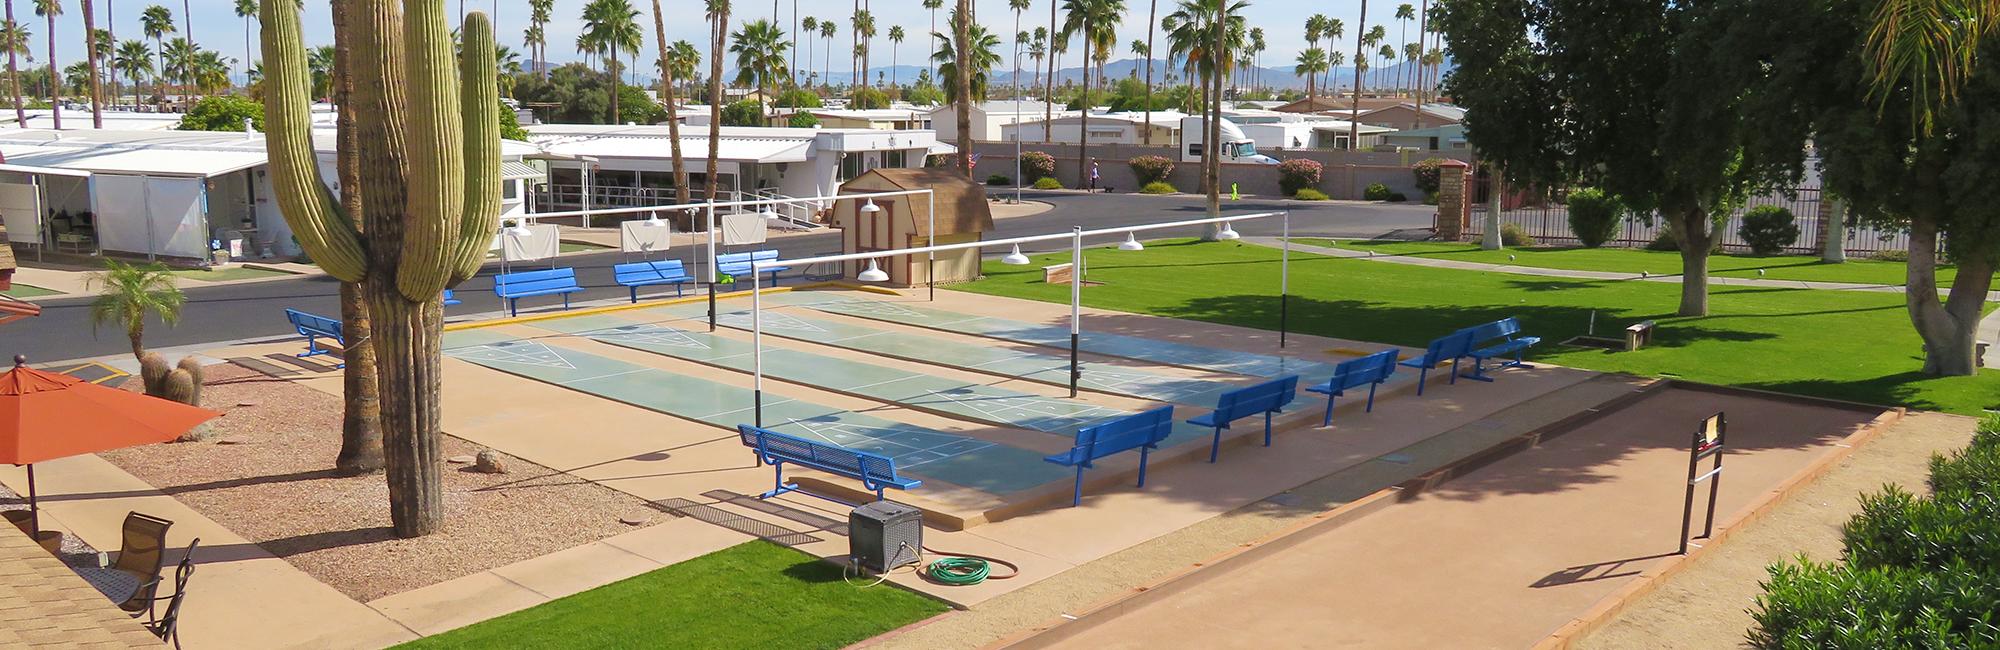 Mesa Arizona 55+ Community